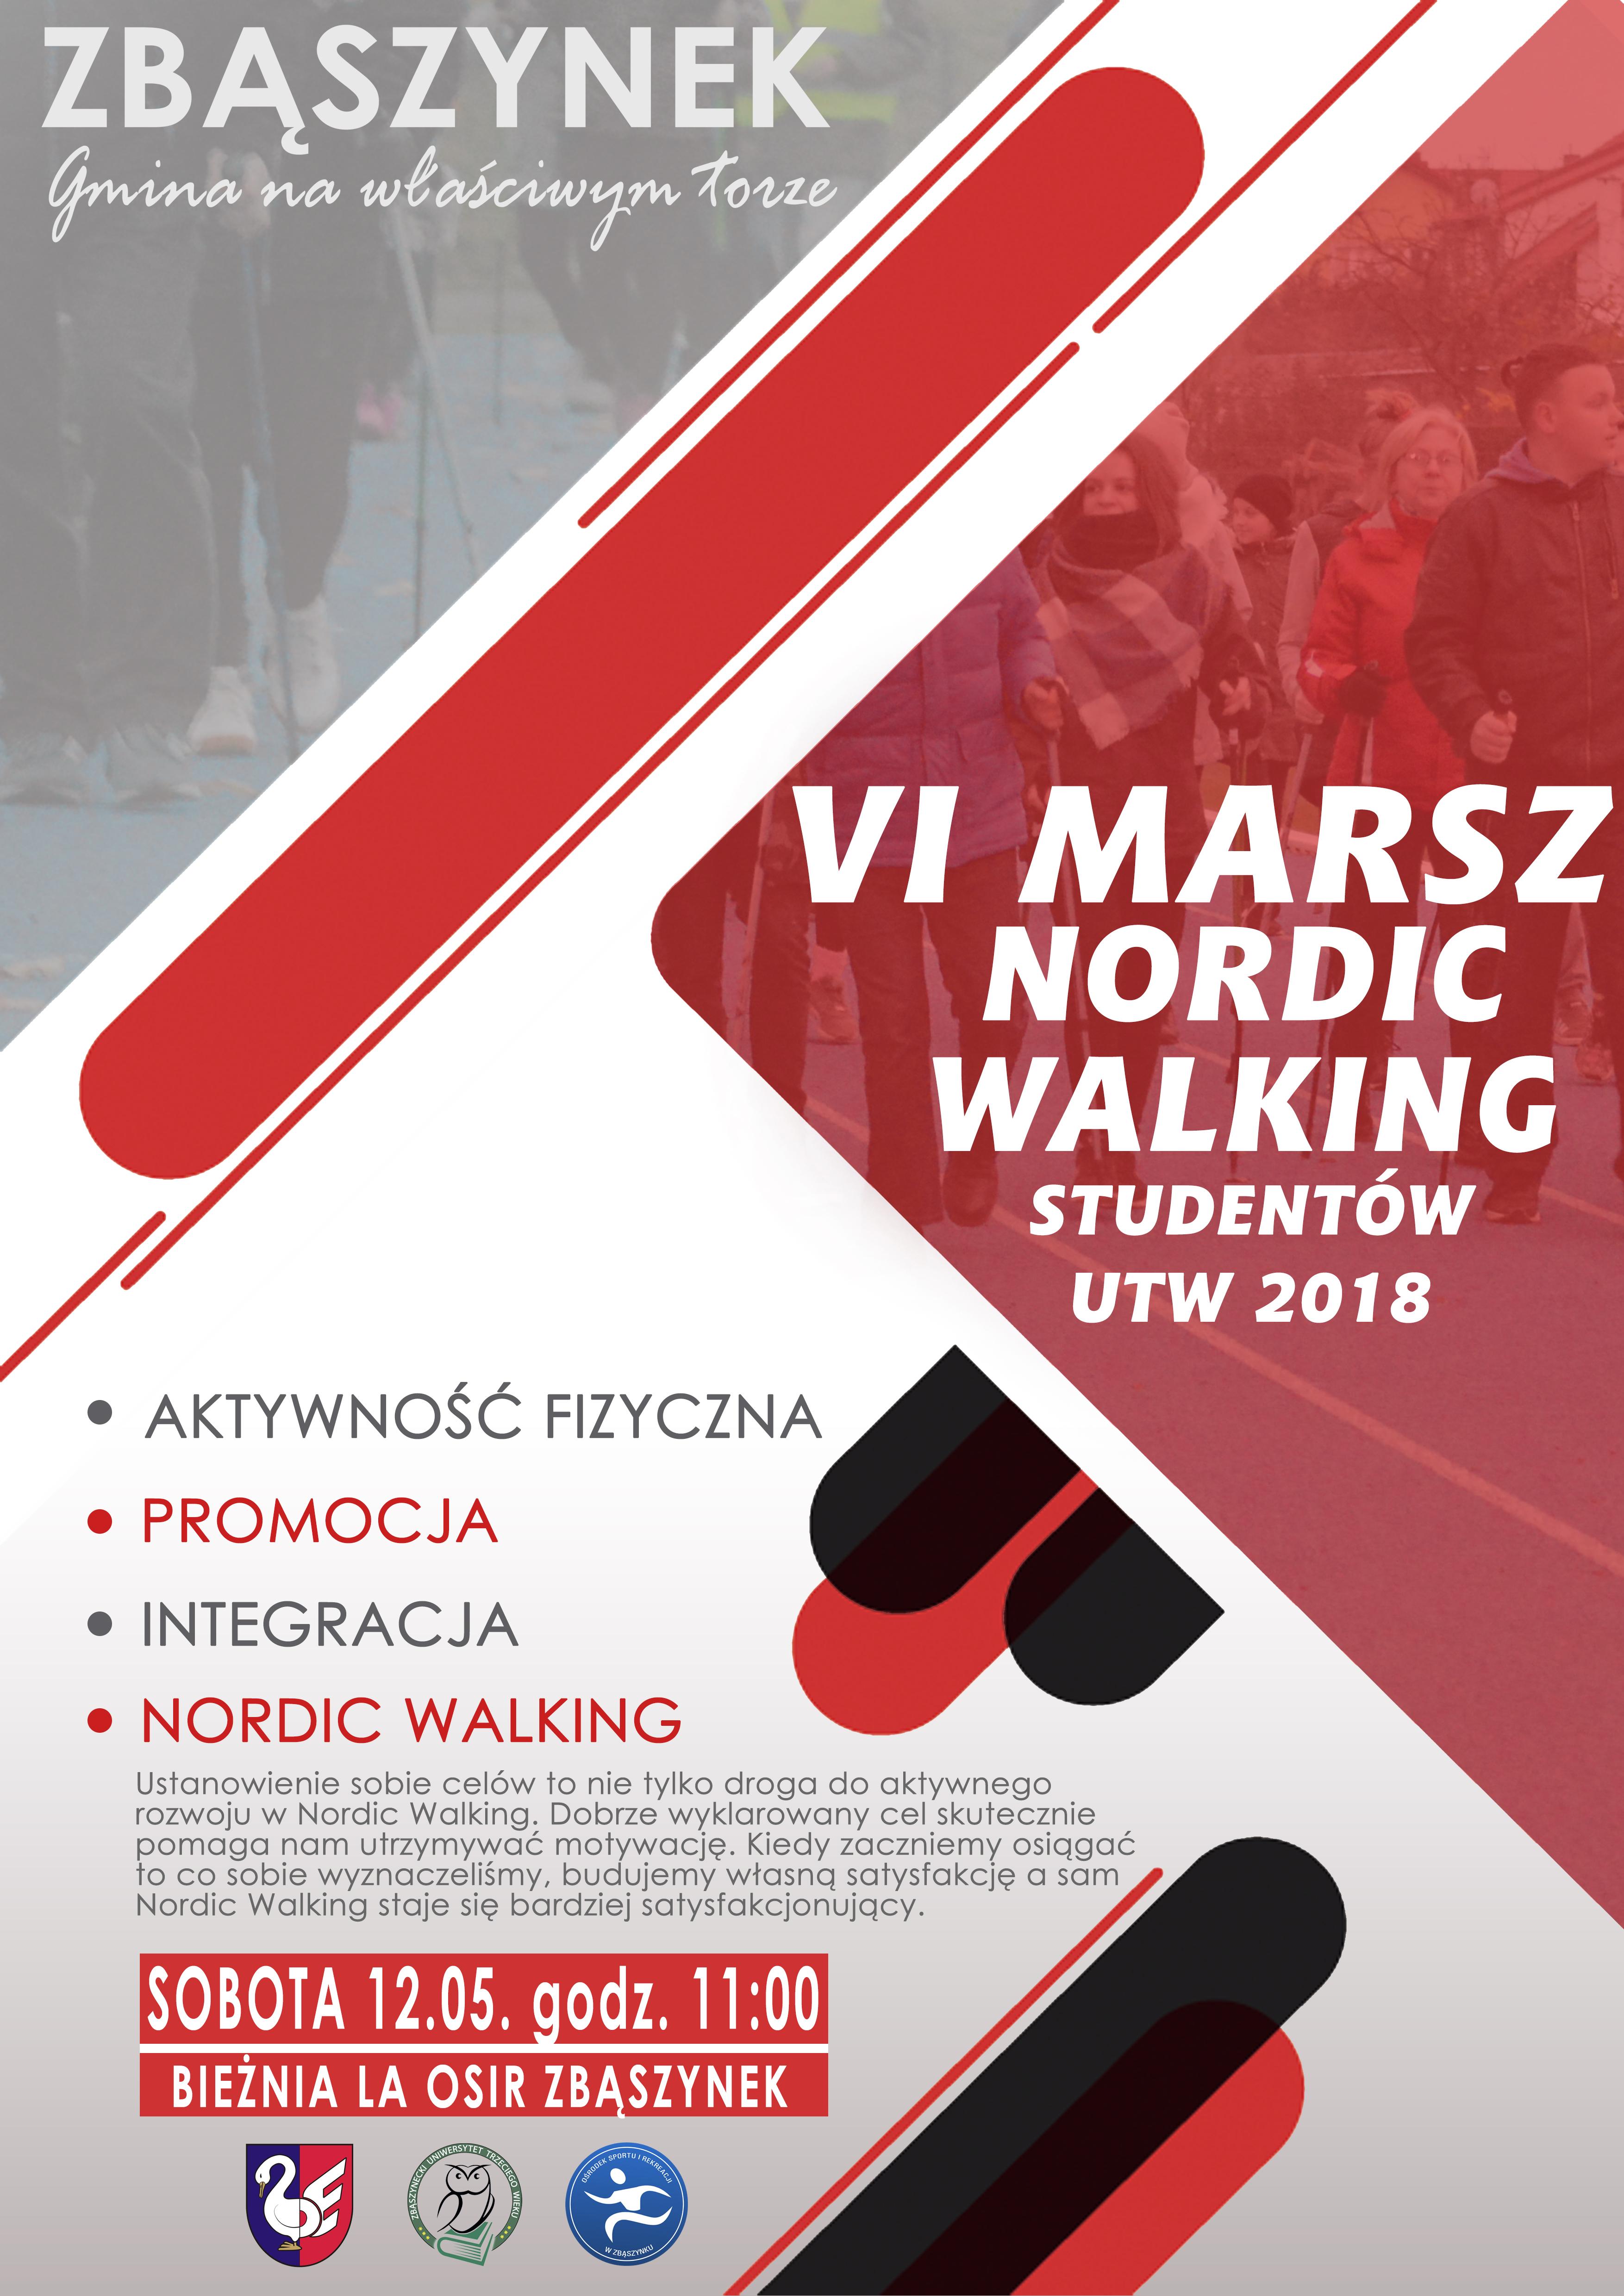 Ilustracja do informacji: VI MARSZ NORDIC WALKING STUDENTÓW UTW 2018